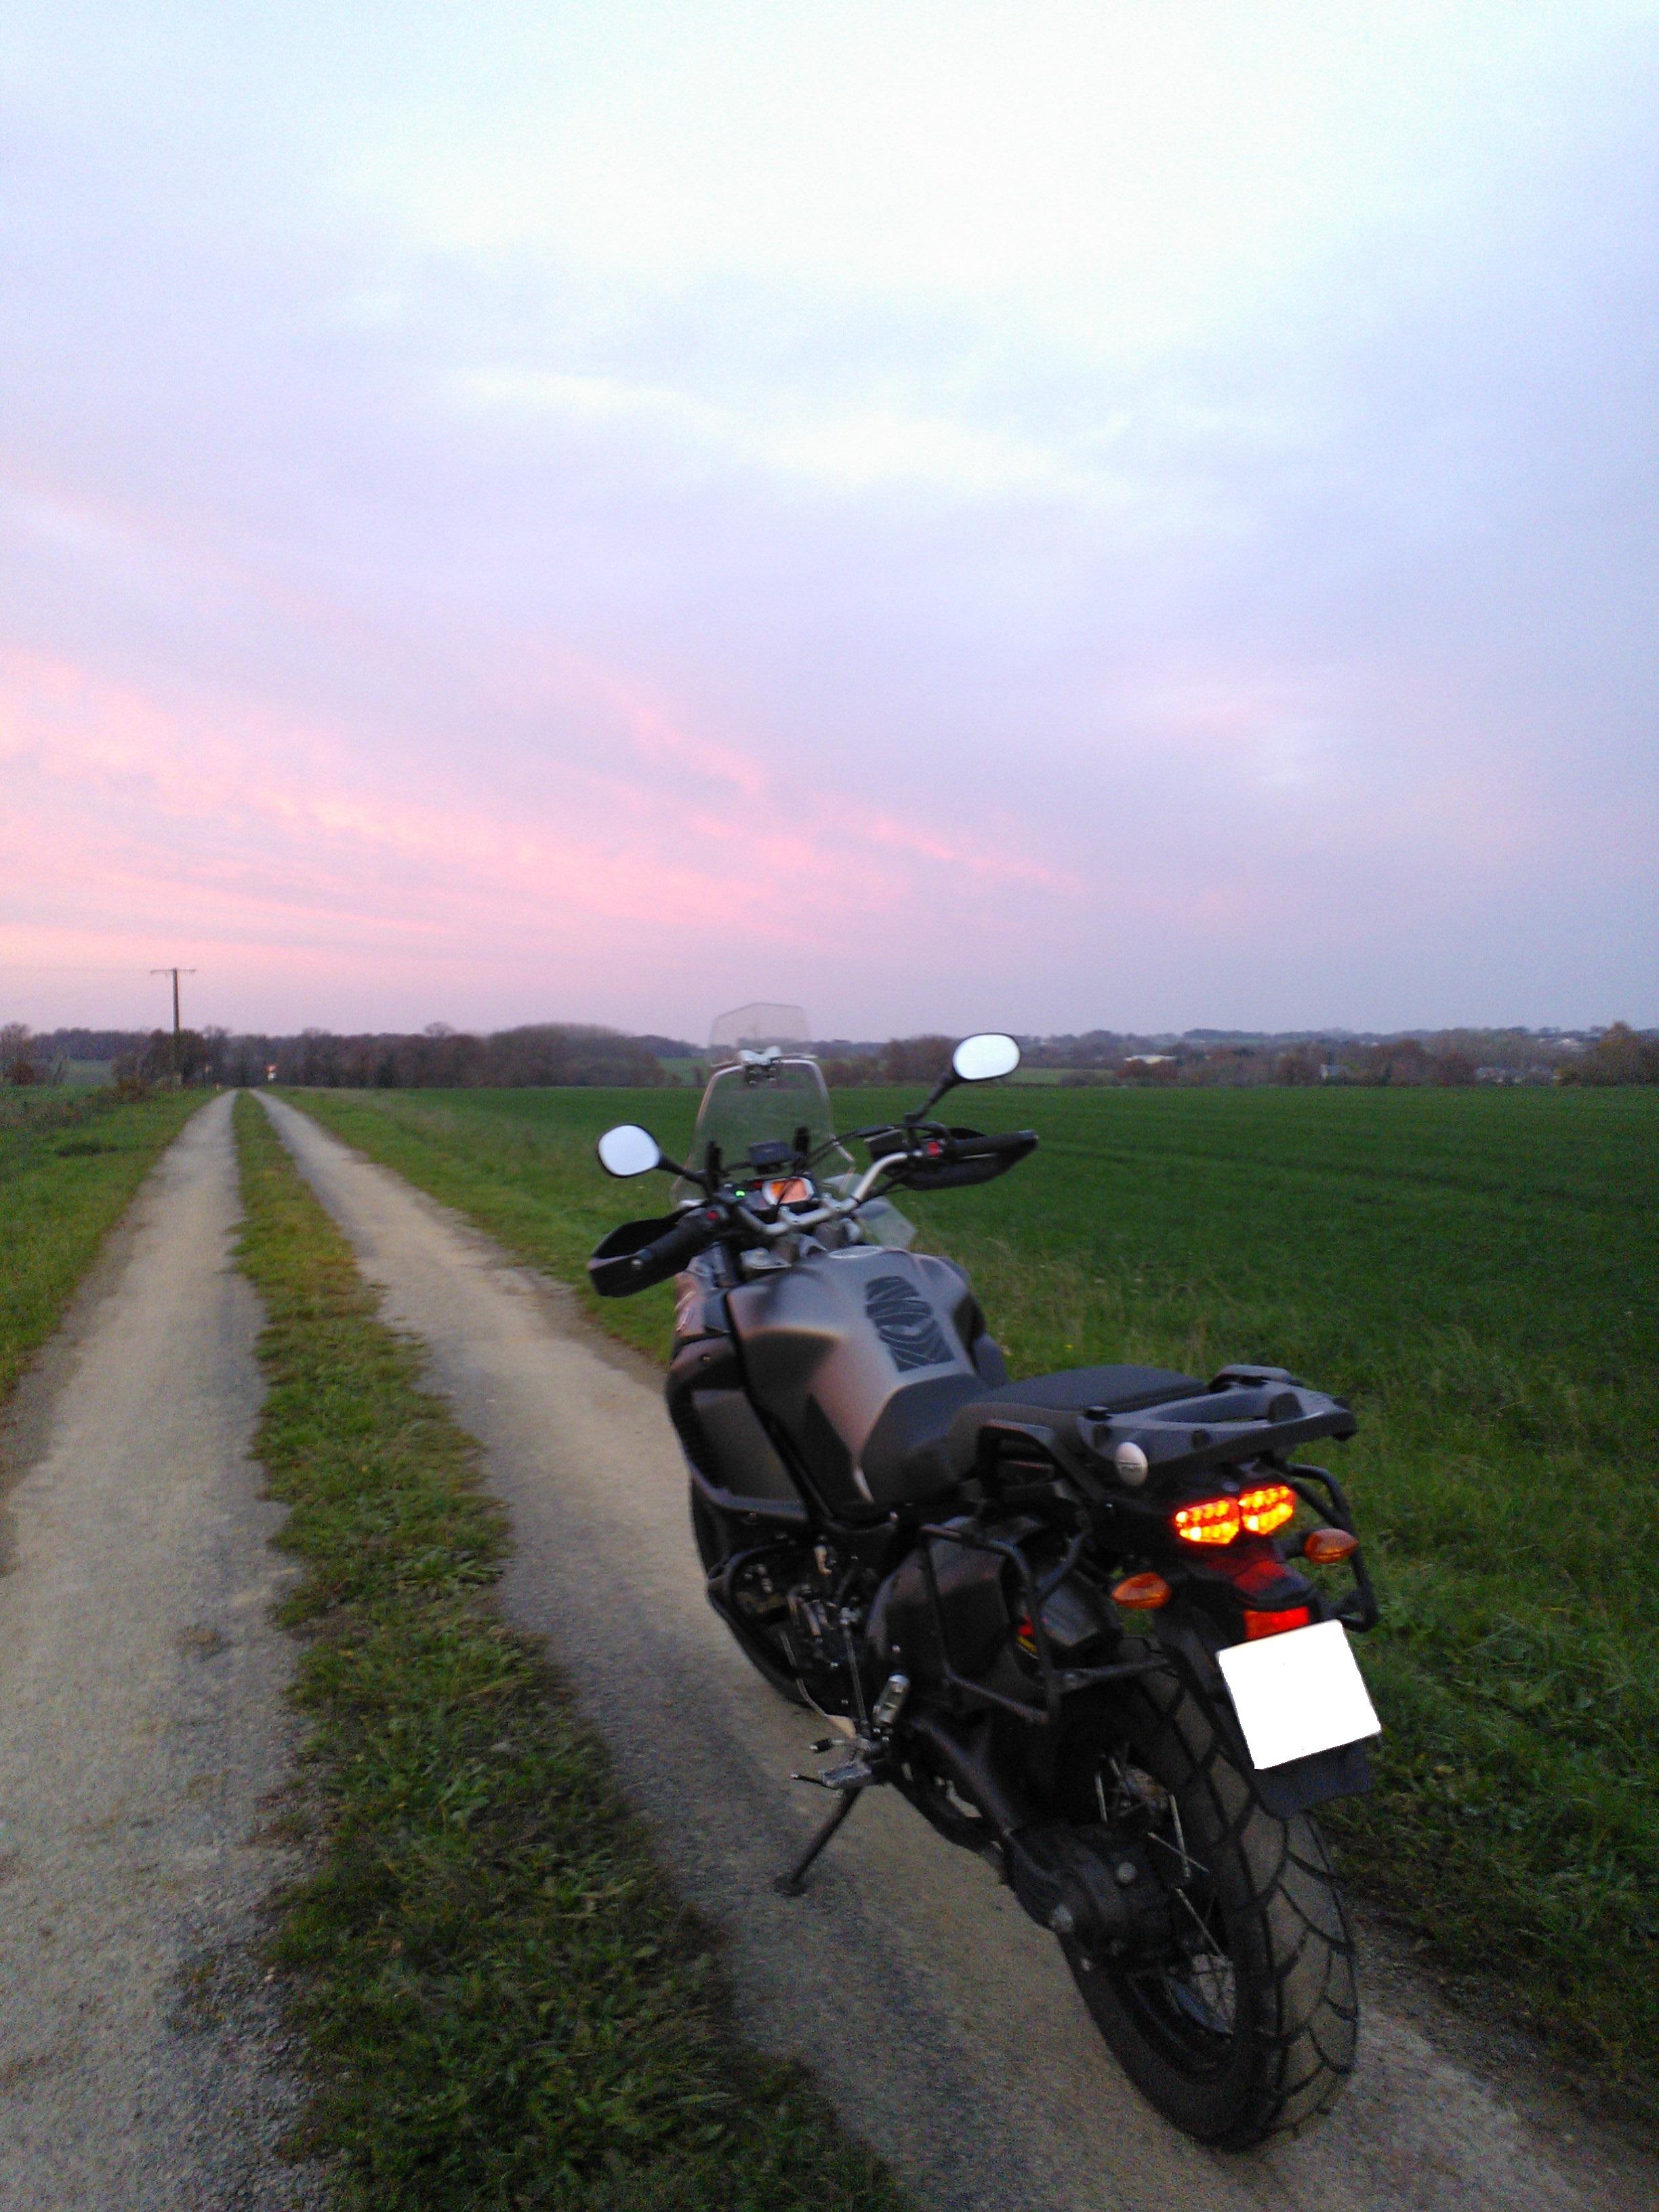 Balade dans les champs en Bretagne 636265Pipriac201411293